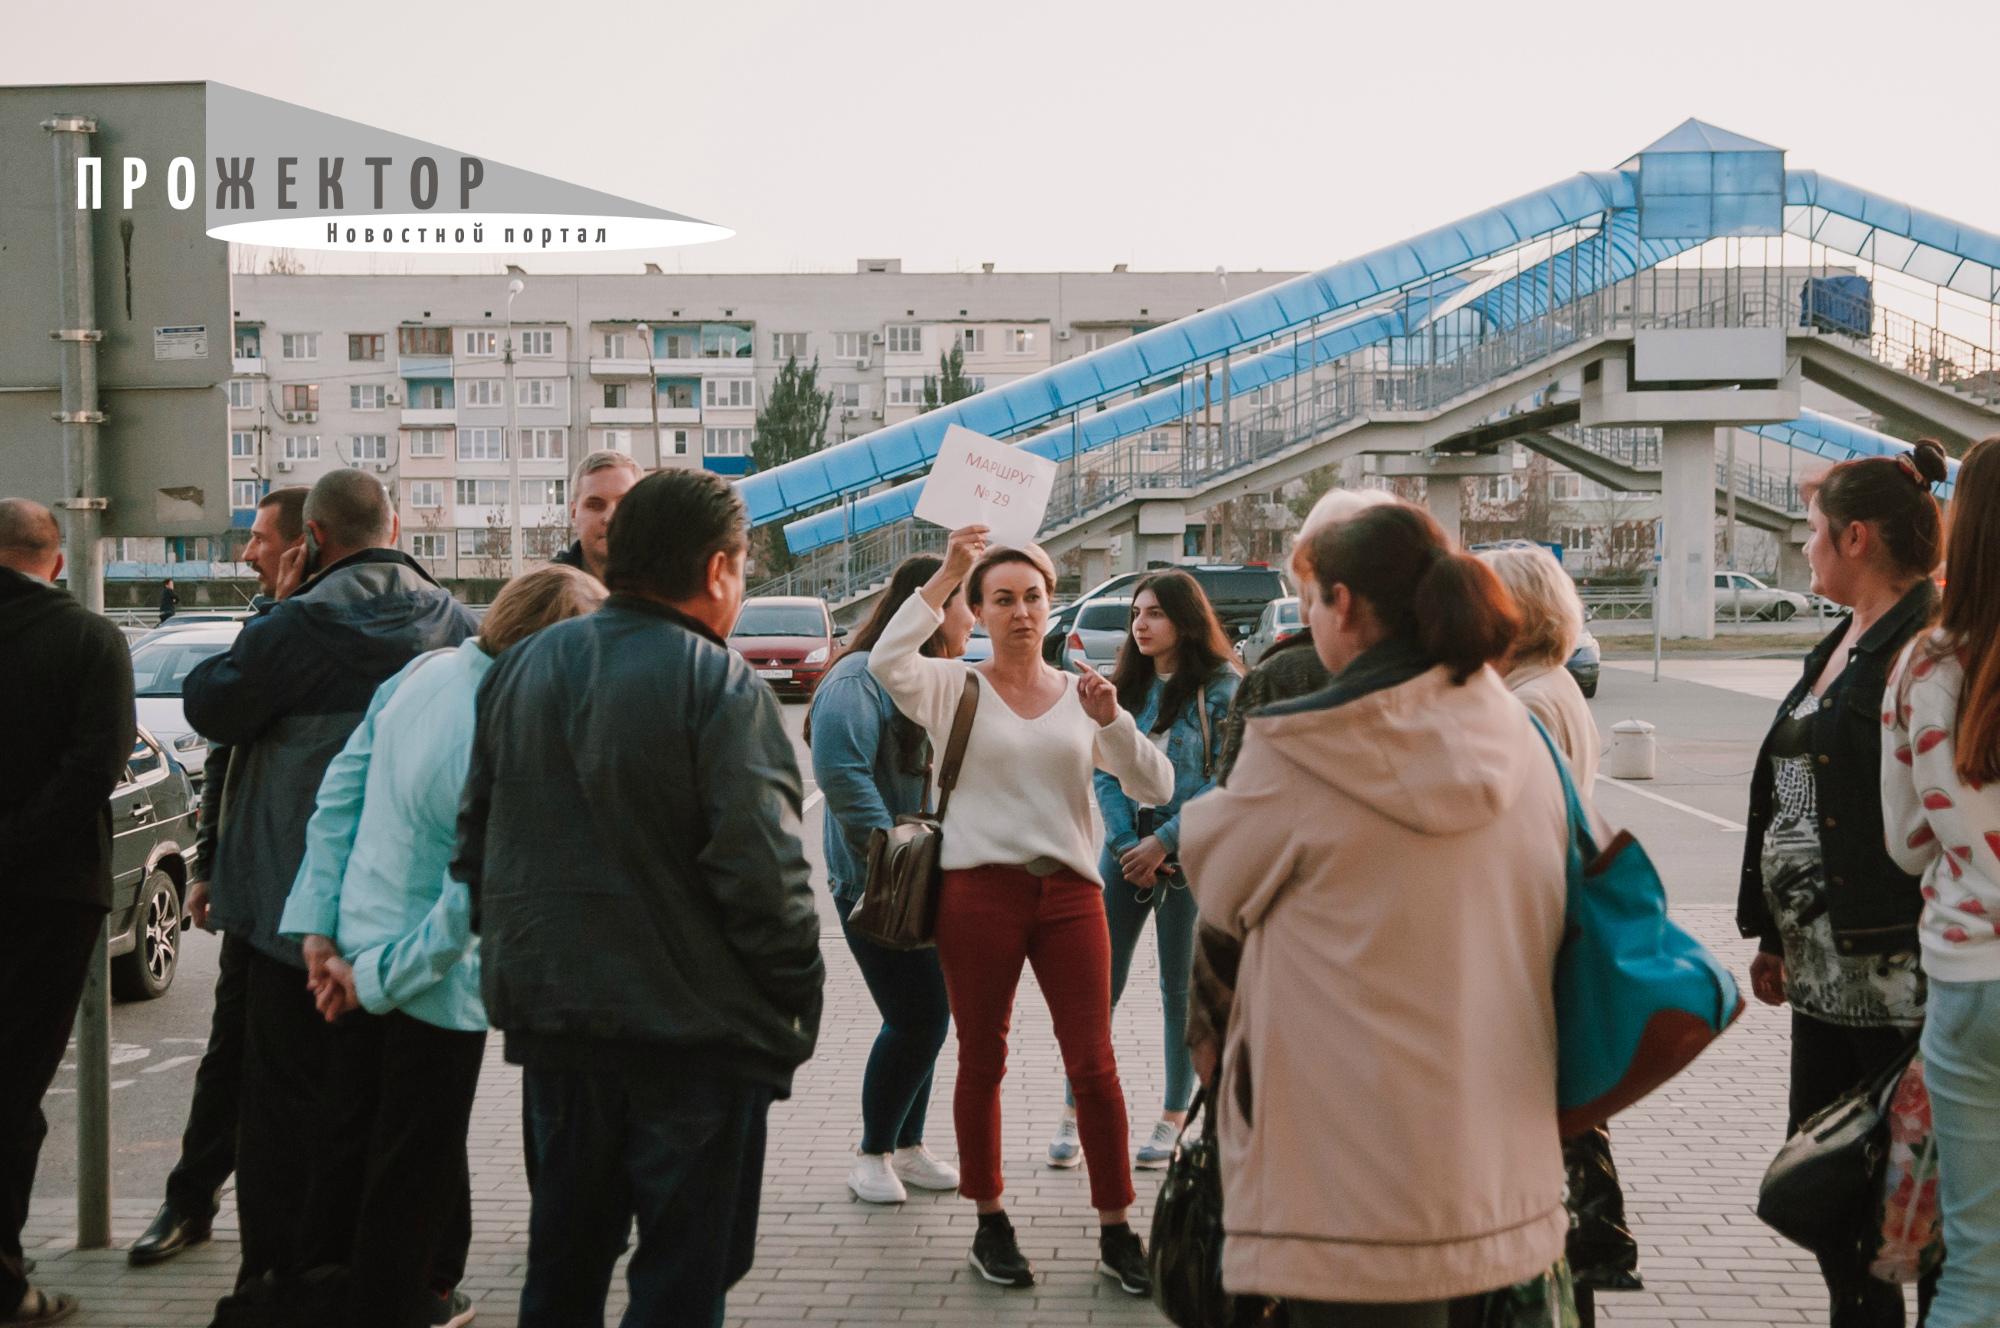 В правобережной Астрахани транспортная катастрофа. Люди вышли на улицы